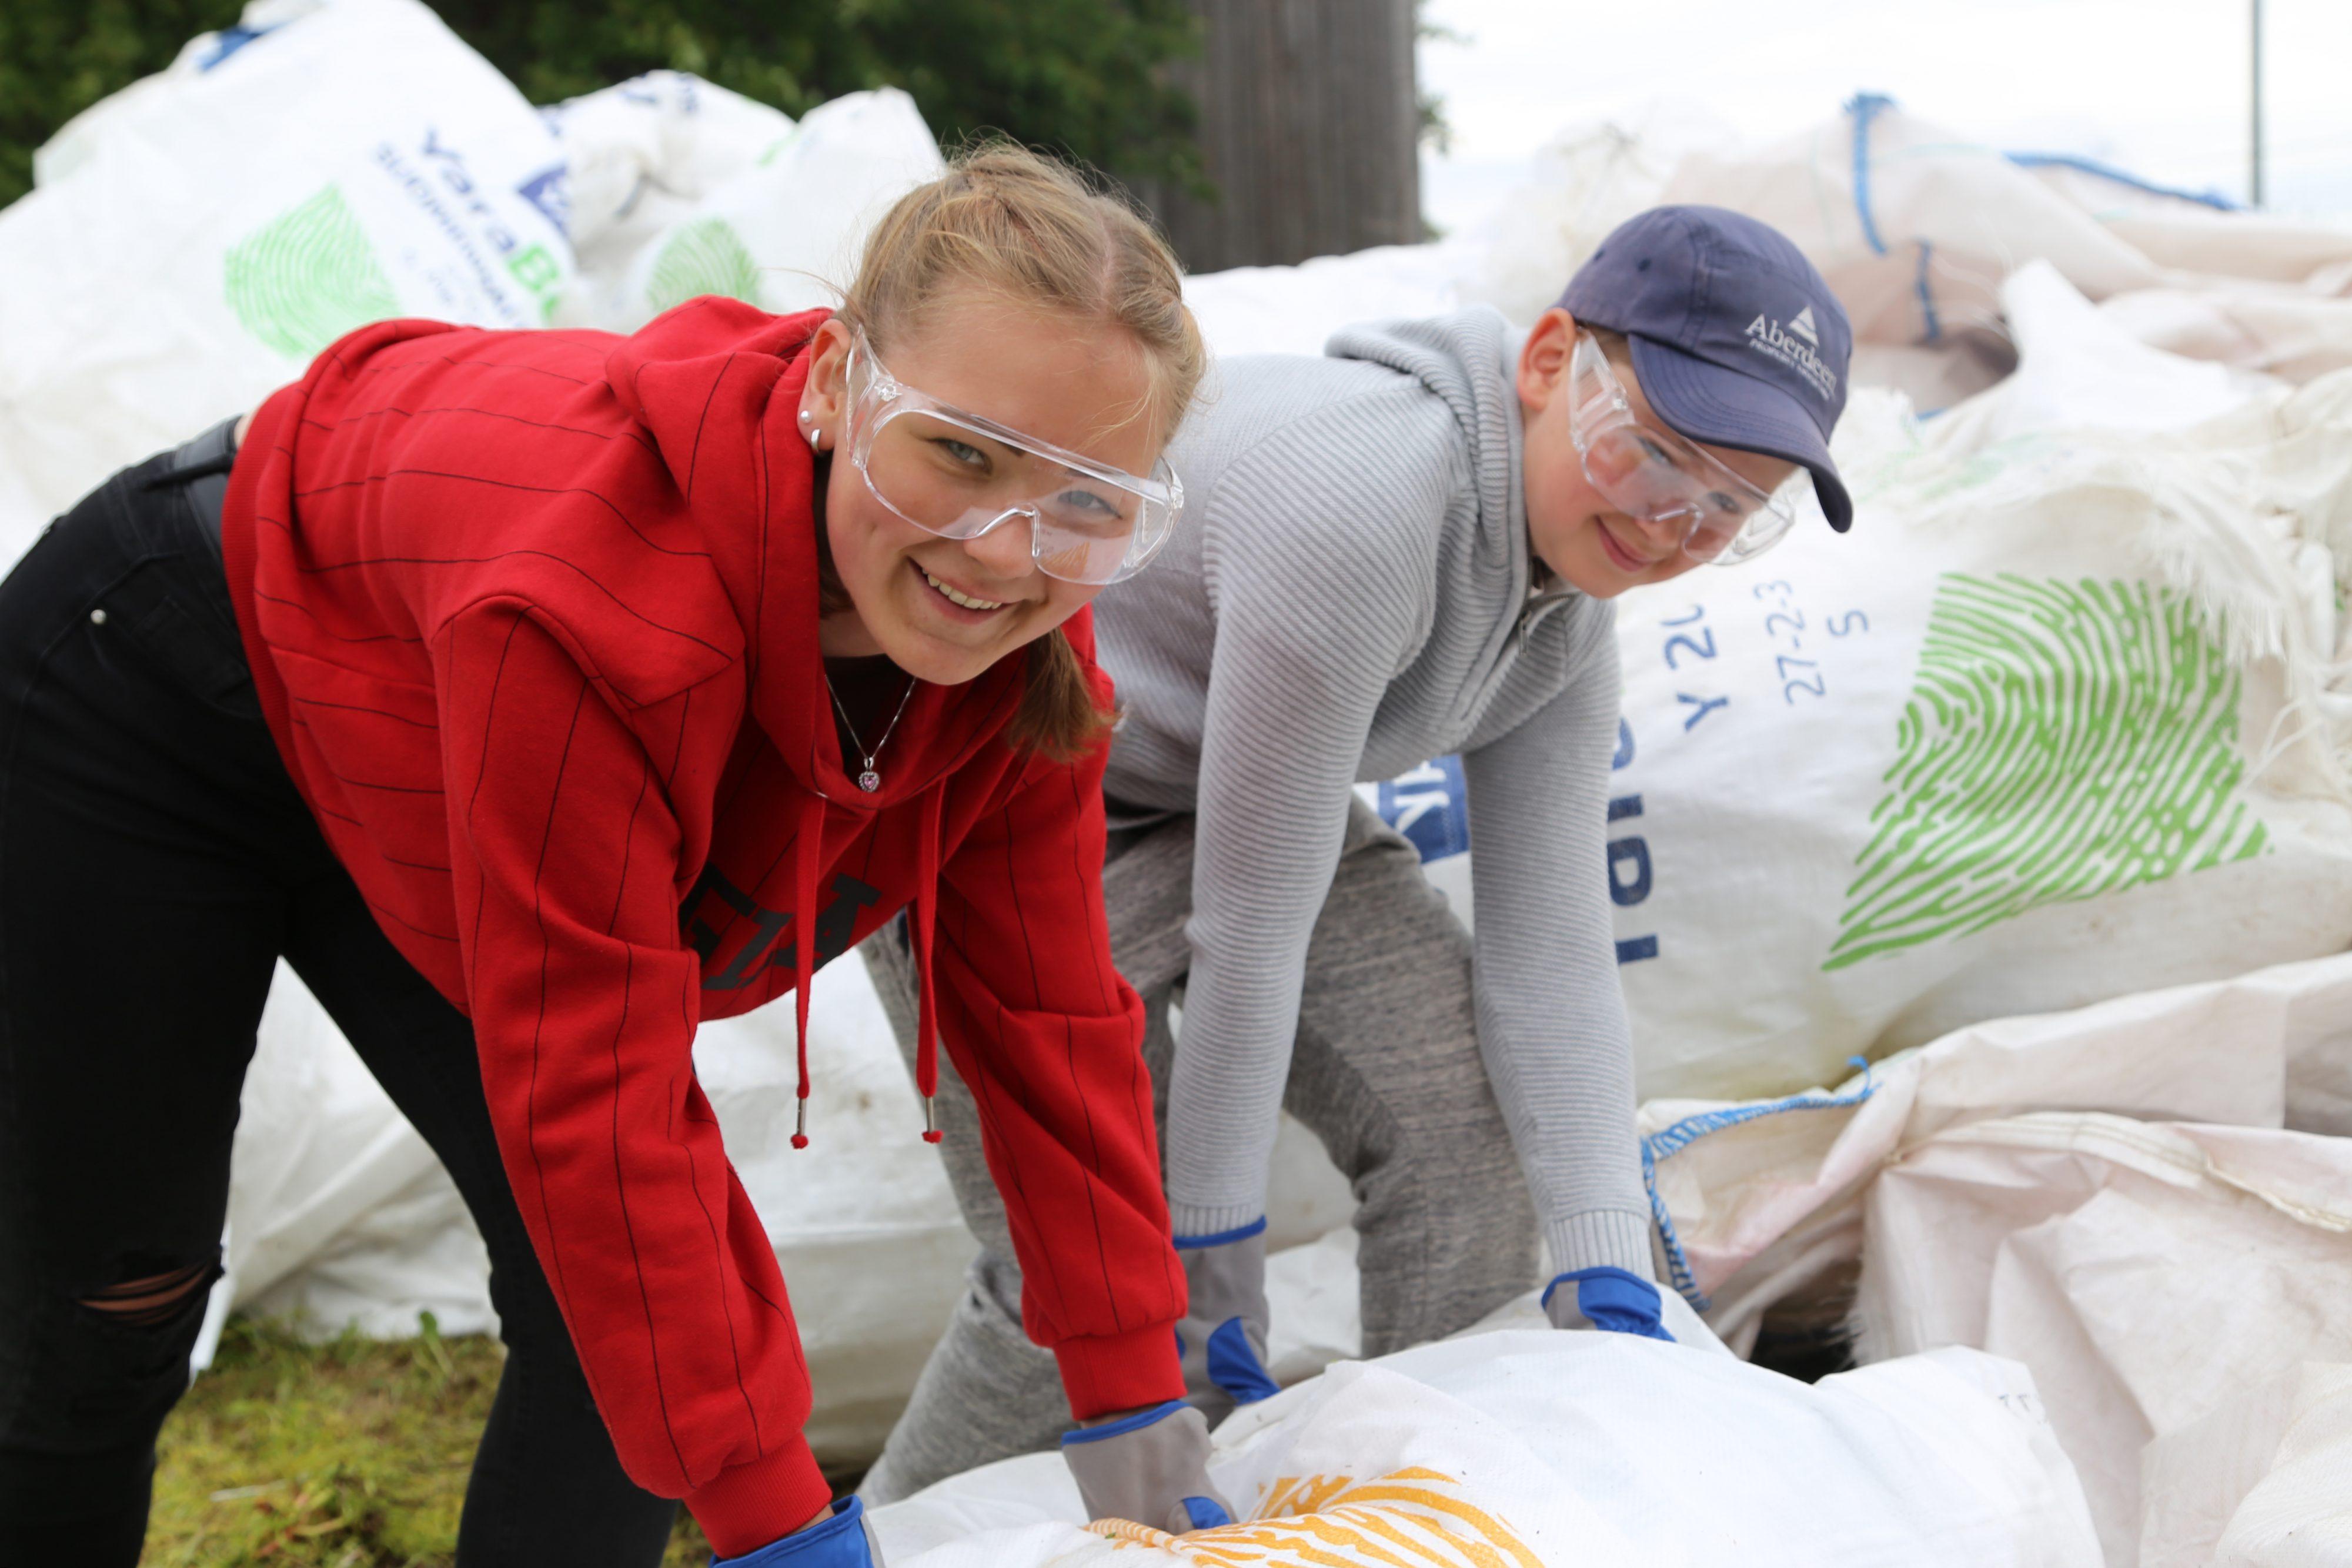 Jordbrukarna gör miljögärningar och unga sysselsätts lokalt featured image